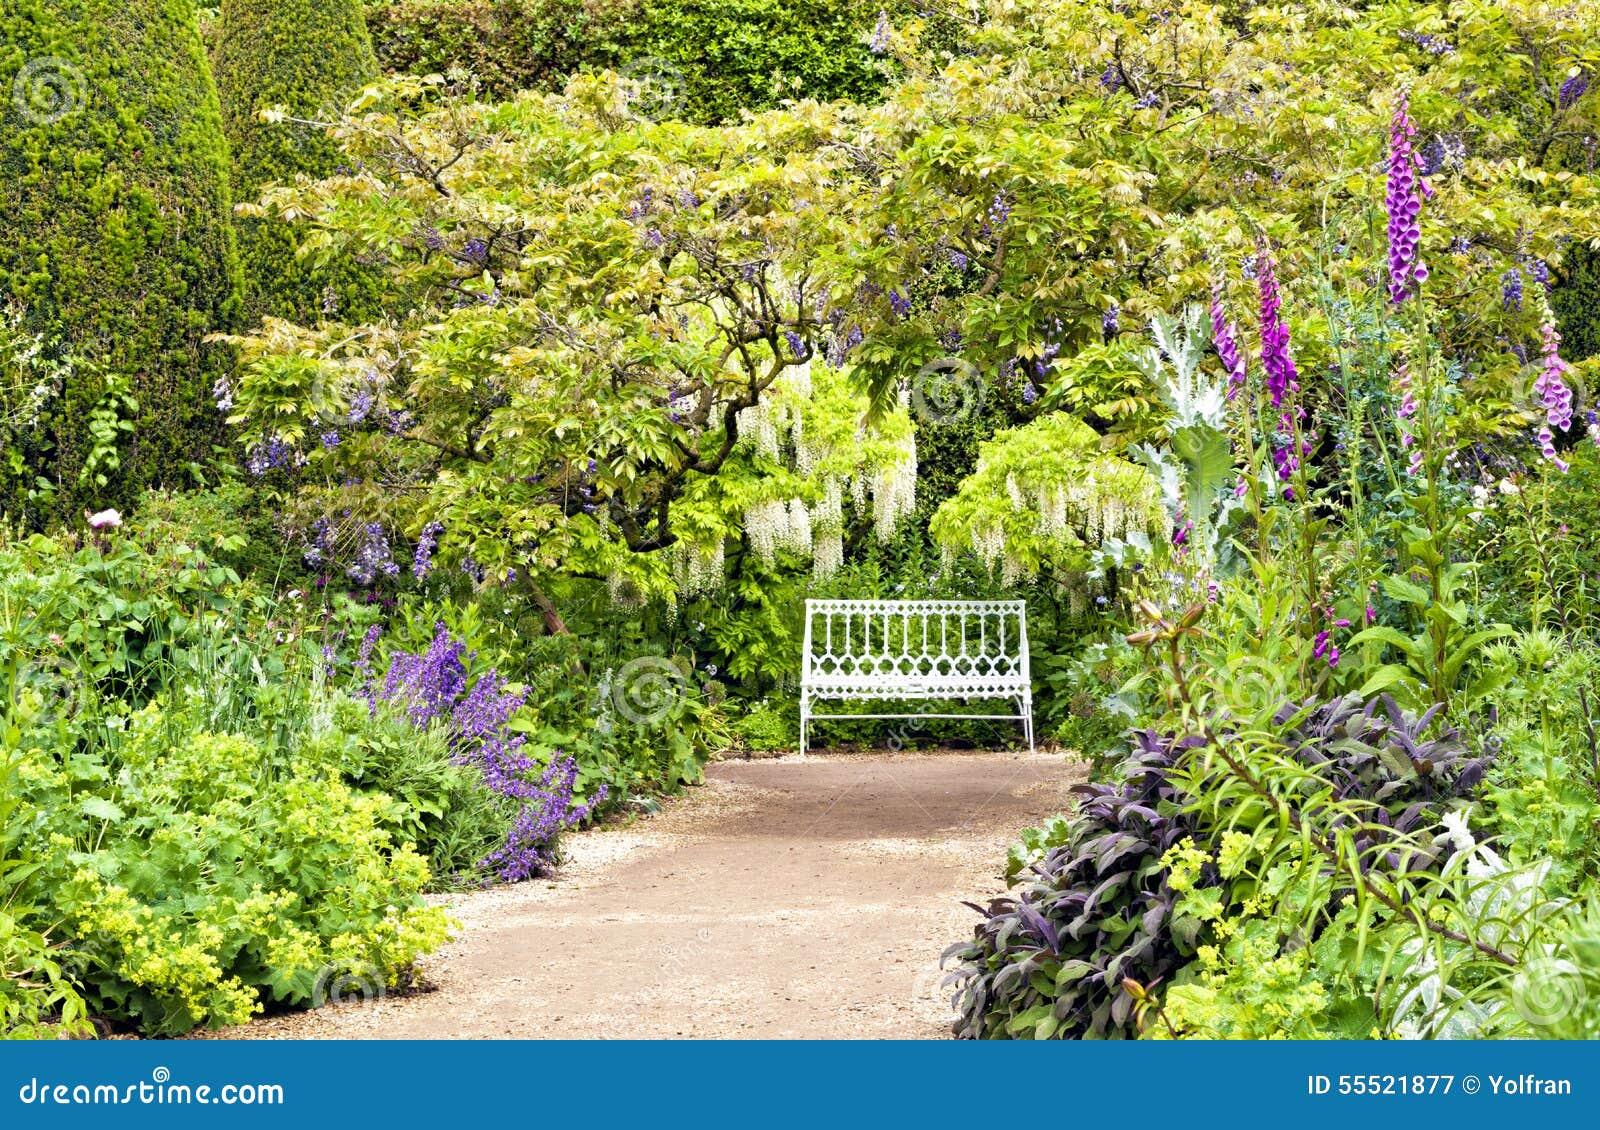 Chemin menant au banc blanc dans le jardin anglais de for Image de jardin anglais